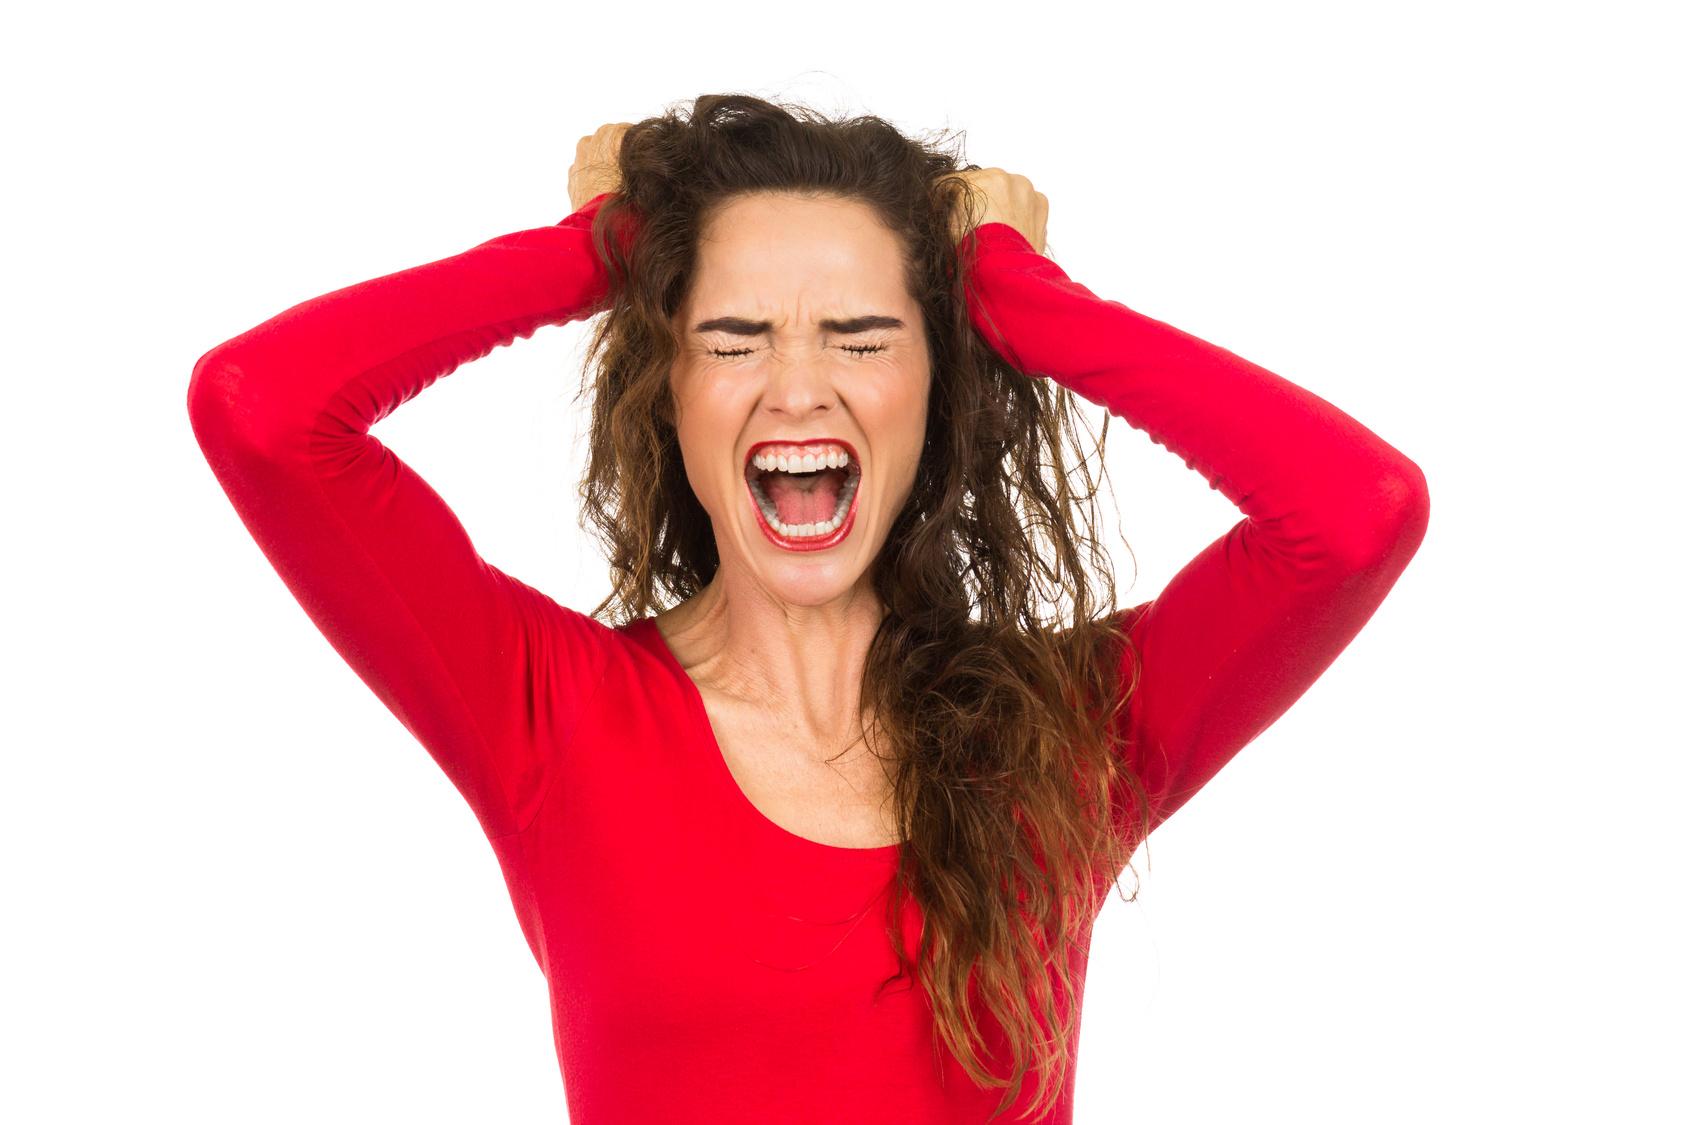 immagine donna stressata cortisolo elevato